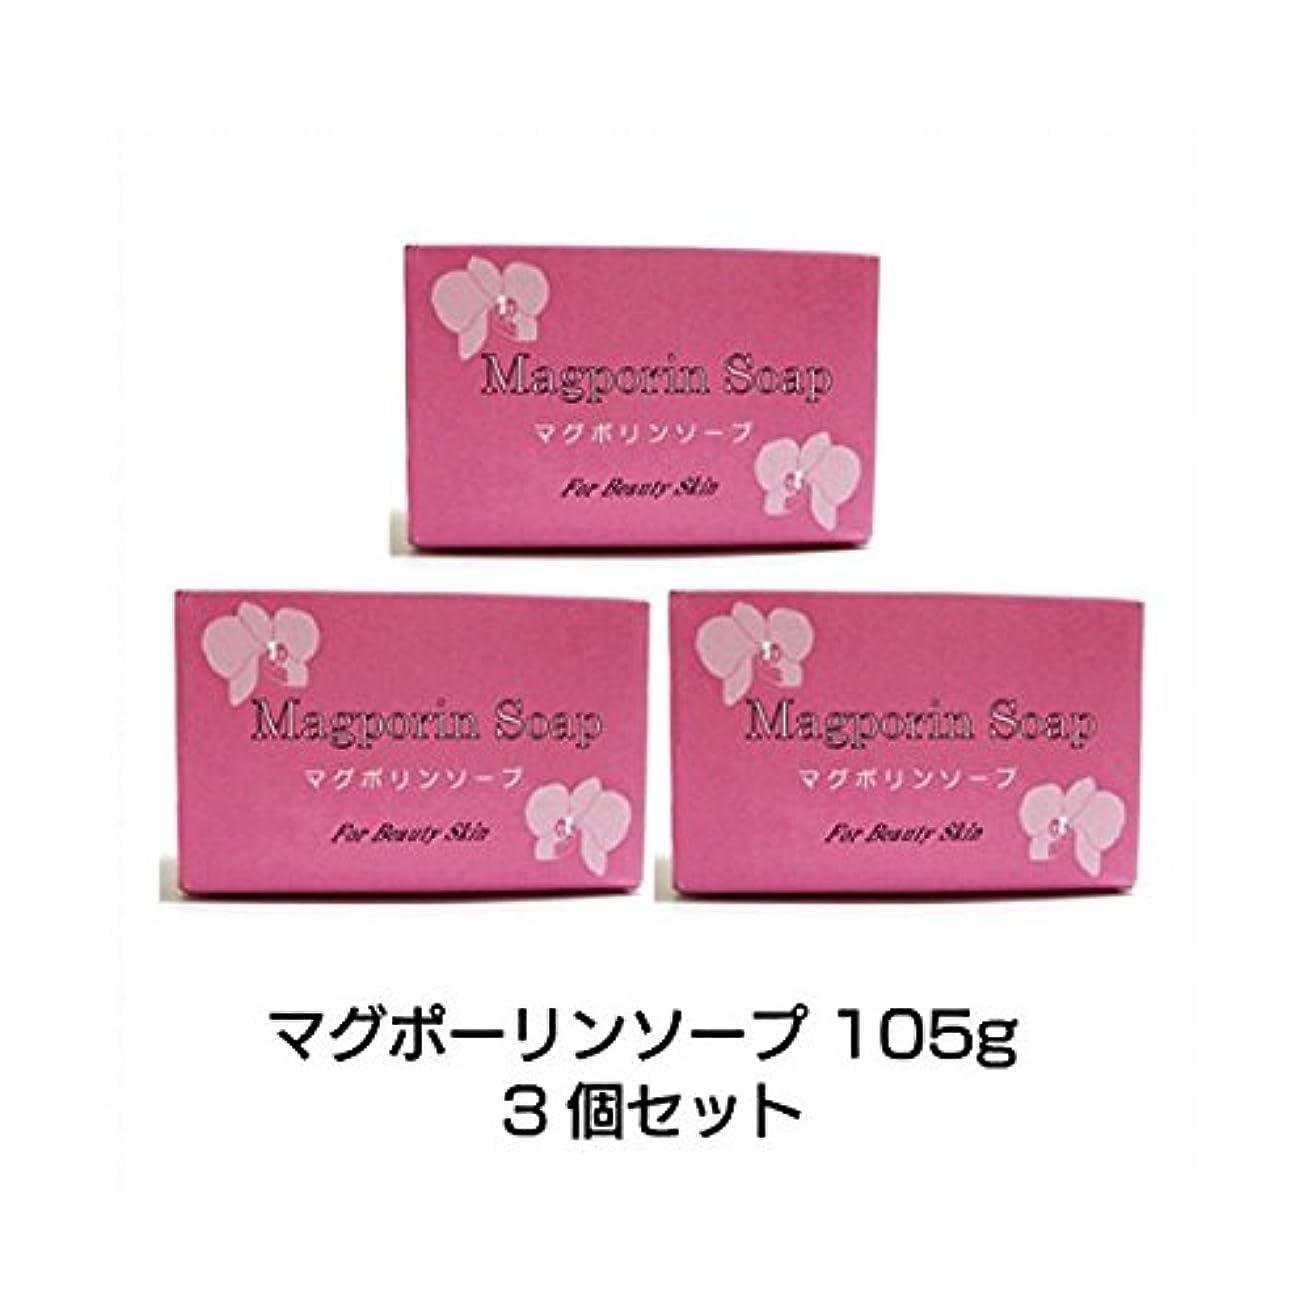 祭り輝度値下げマグポーリンソープ 3個セット(105g×3個)麦飯石配合の無添加洗顔石鹸